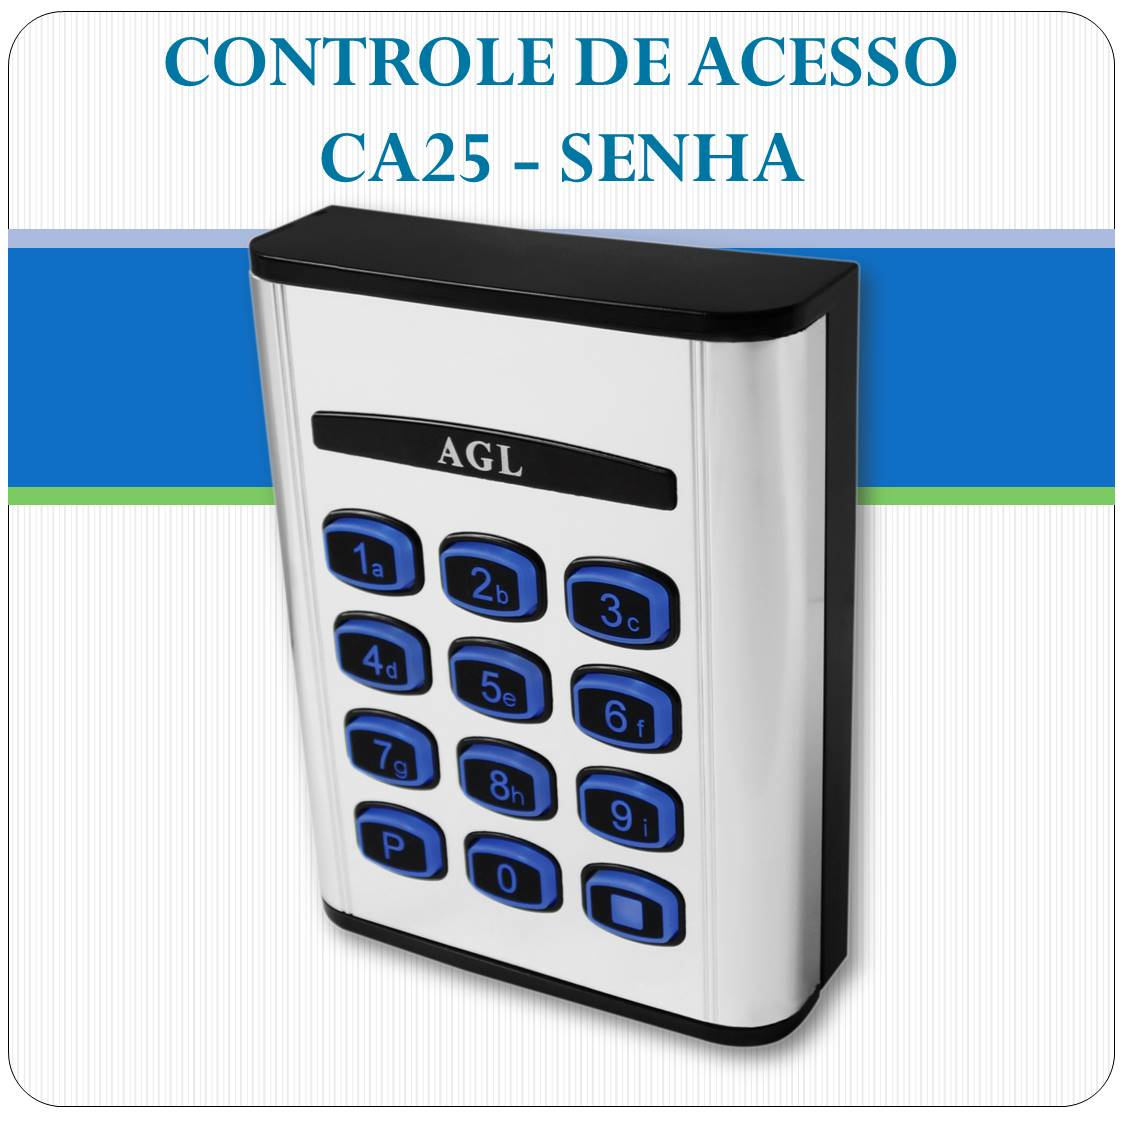 Controle de Acesso por Senha - CA25 - AGL